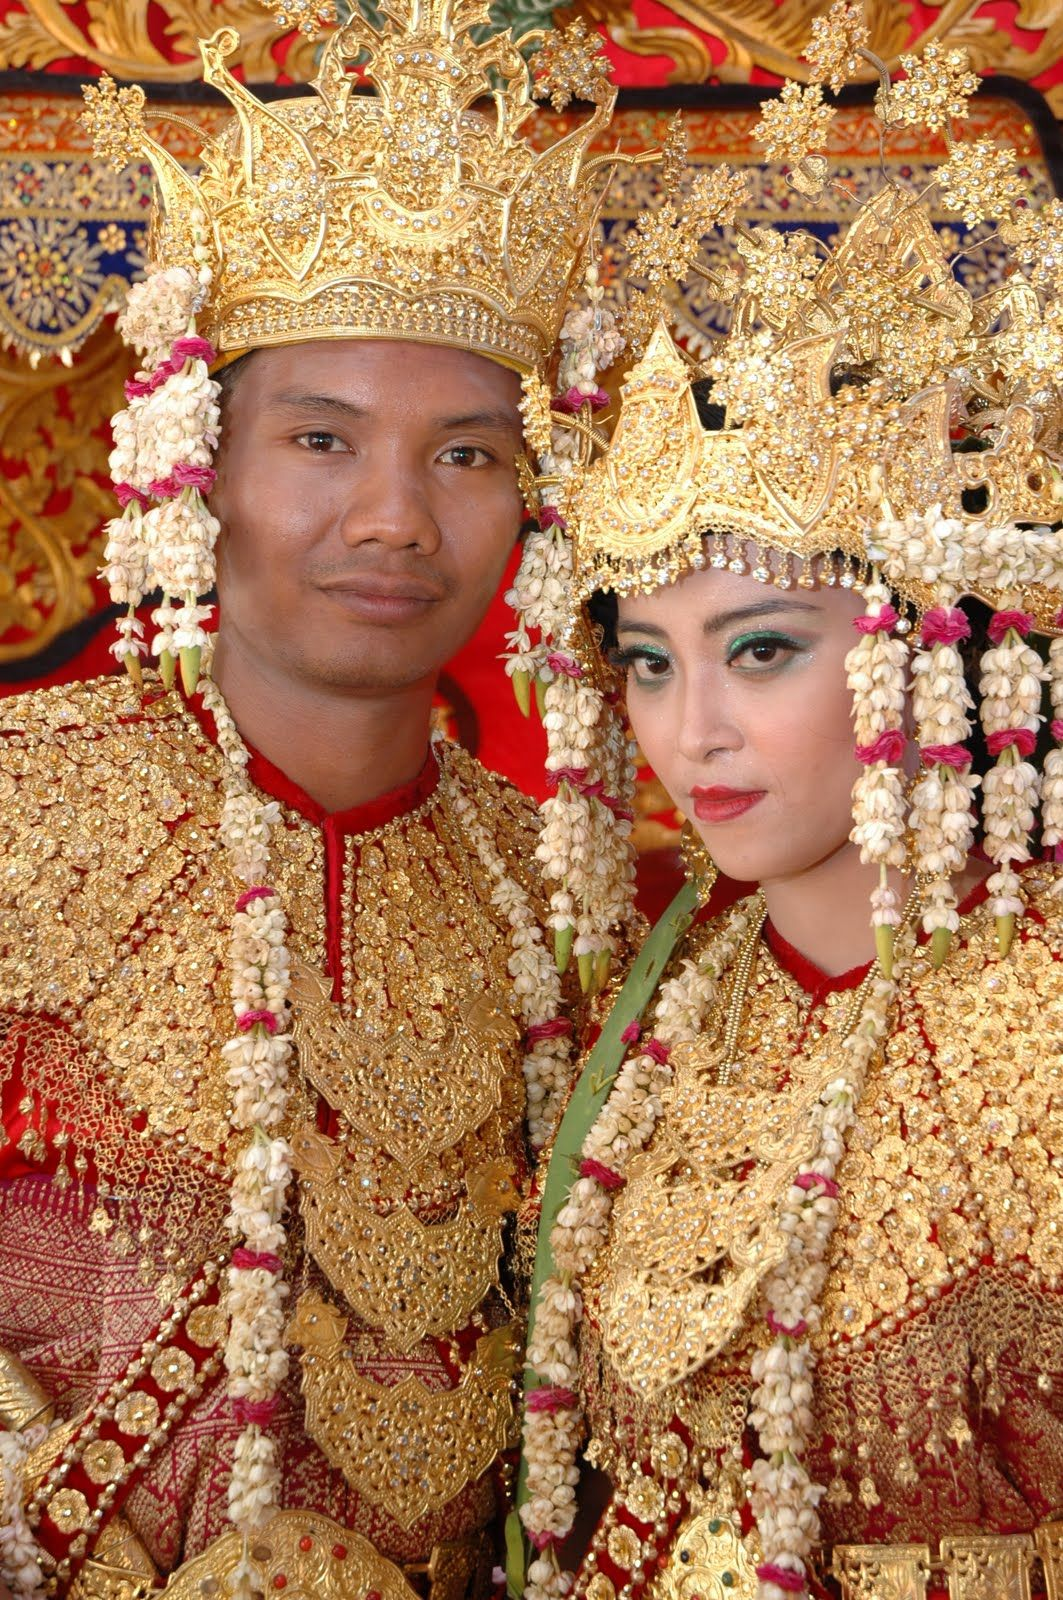 palembang peopleIndonesia Pengantin, Budaya, Perkawinan